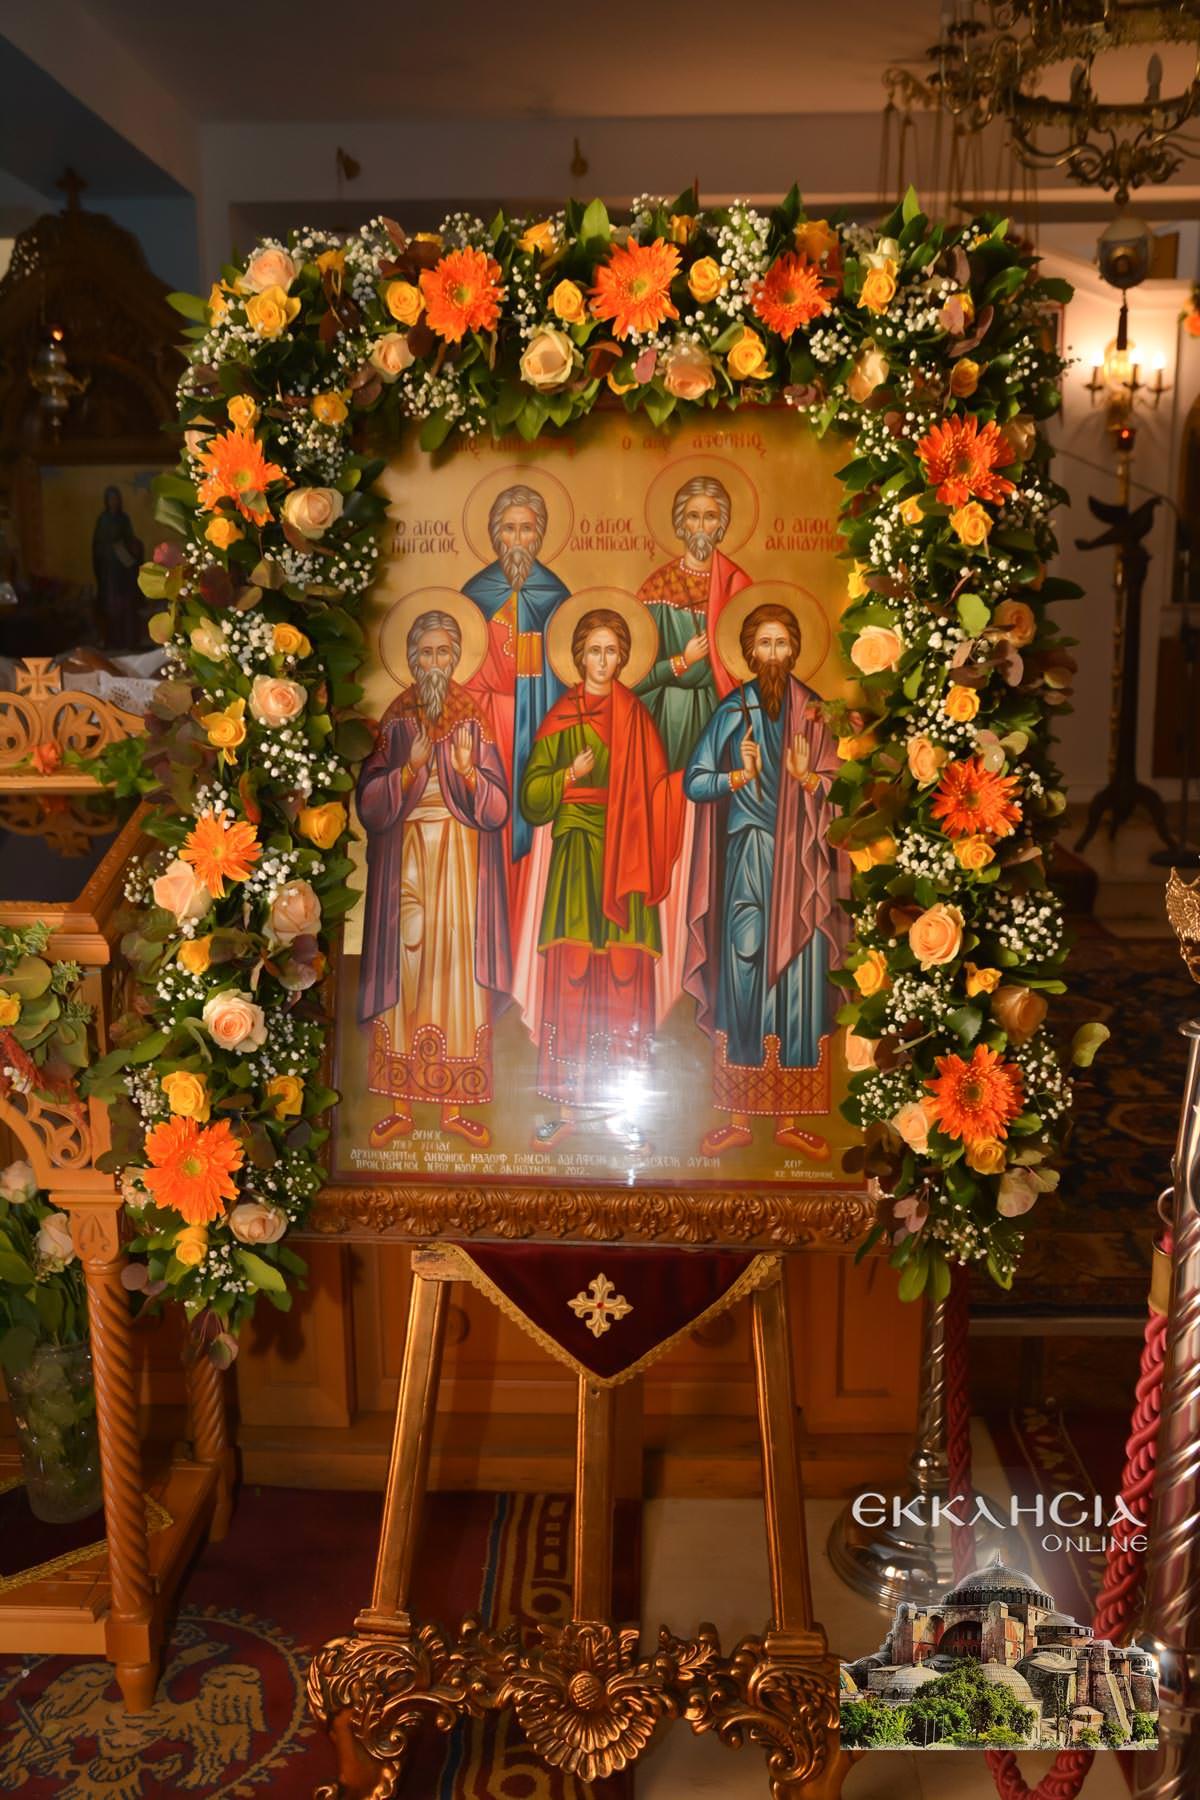 Άγιος Ακίνδυνος συν αυτώ Μάρτυρες